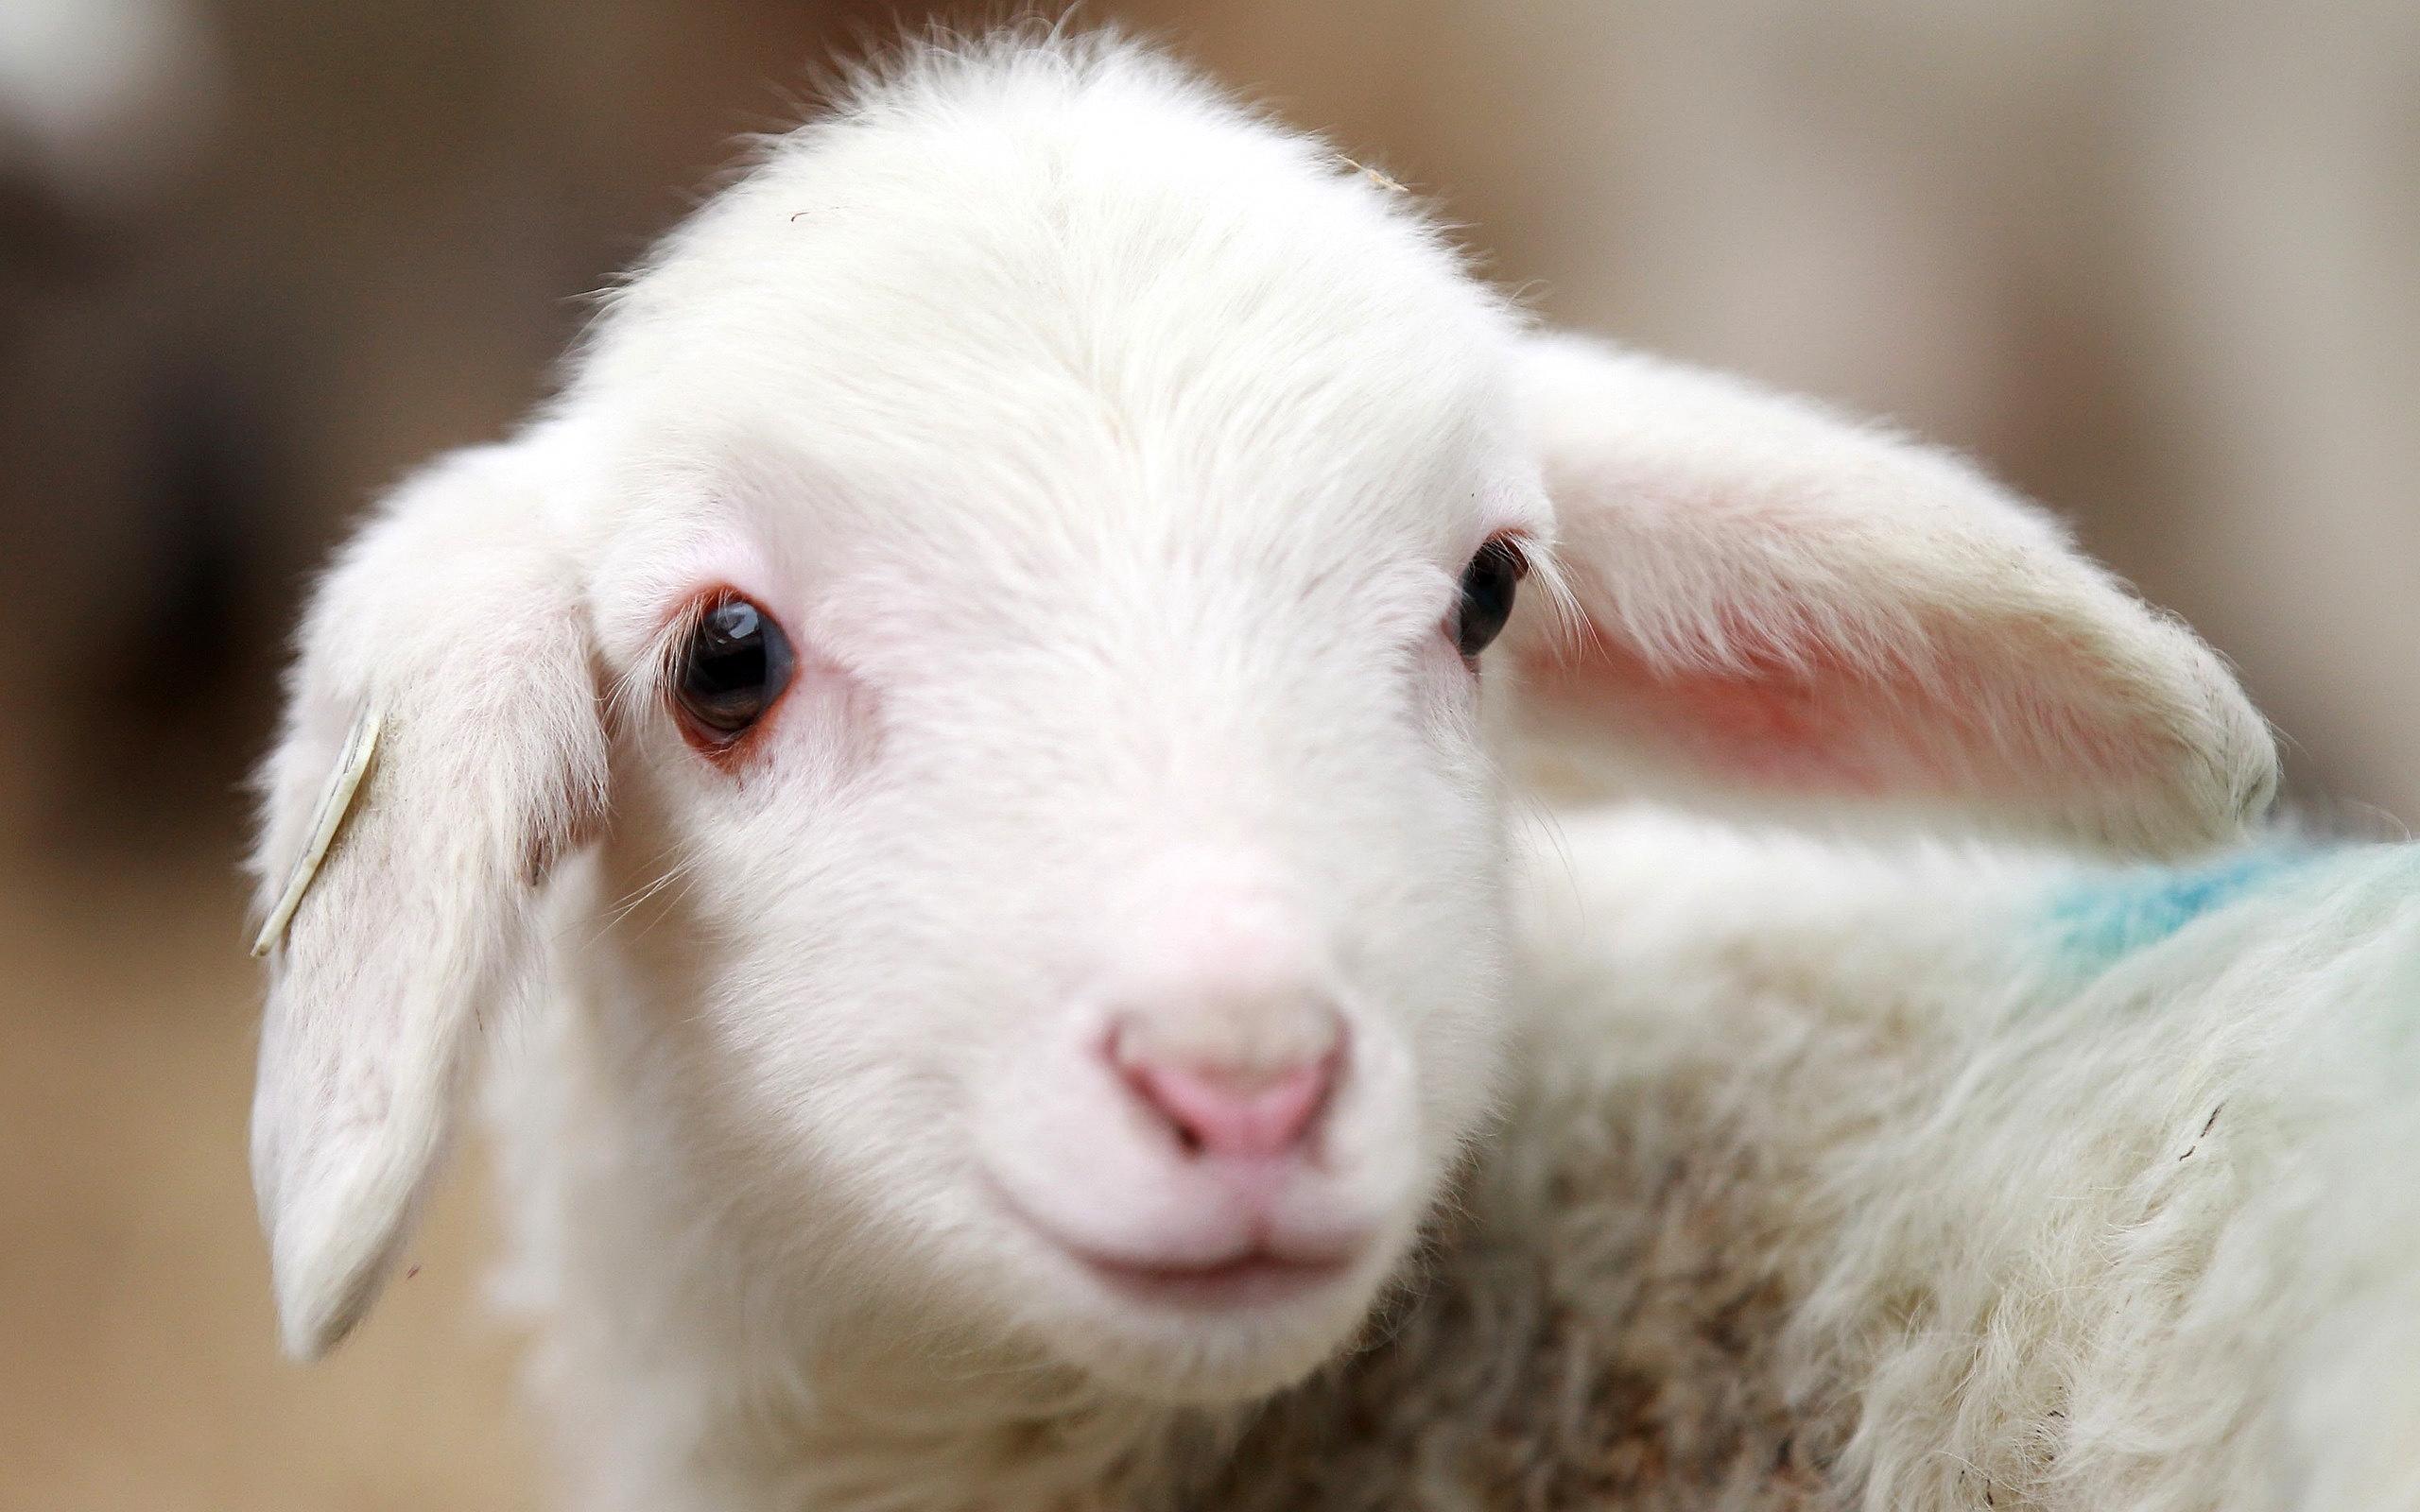 Adorable Lamb Wallpaper